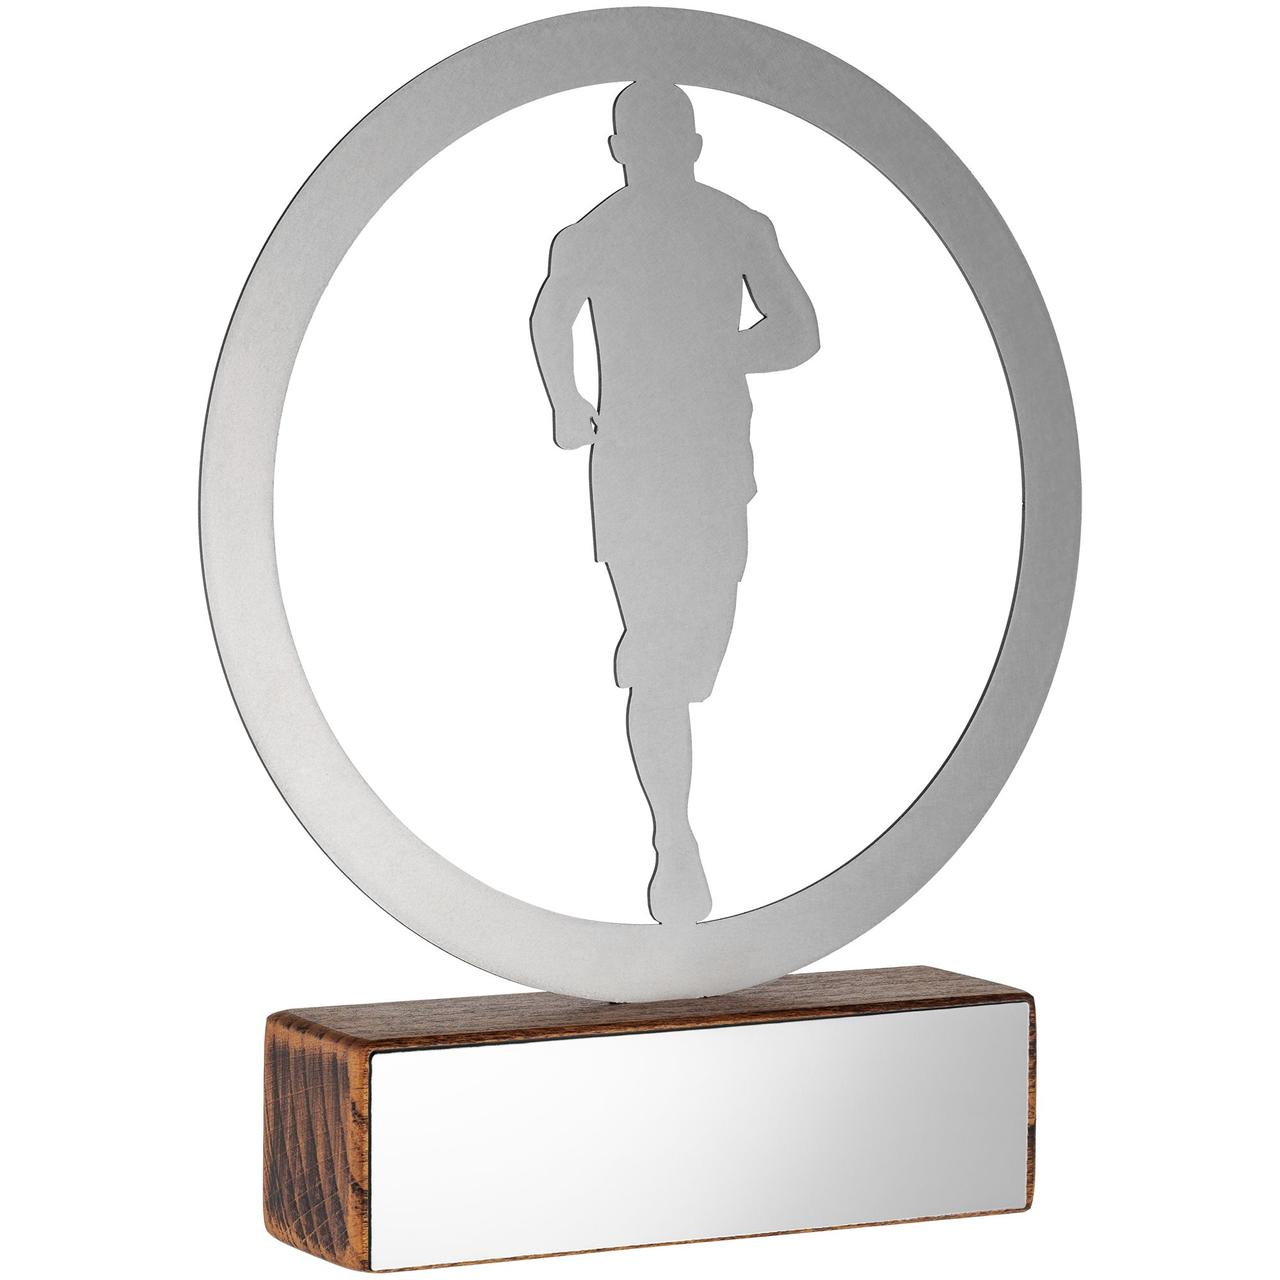 Награда Acme, бег (артикул 70156.02)